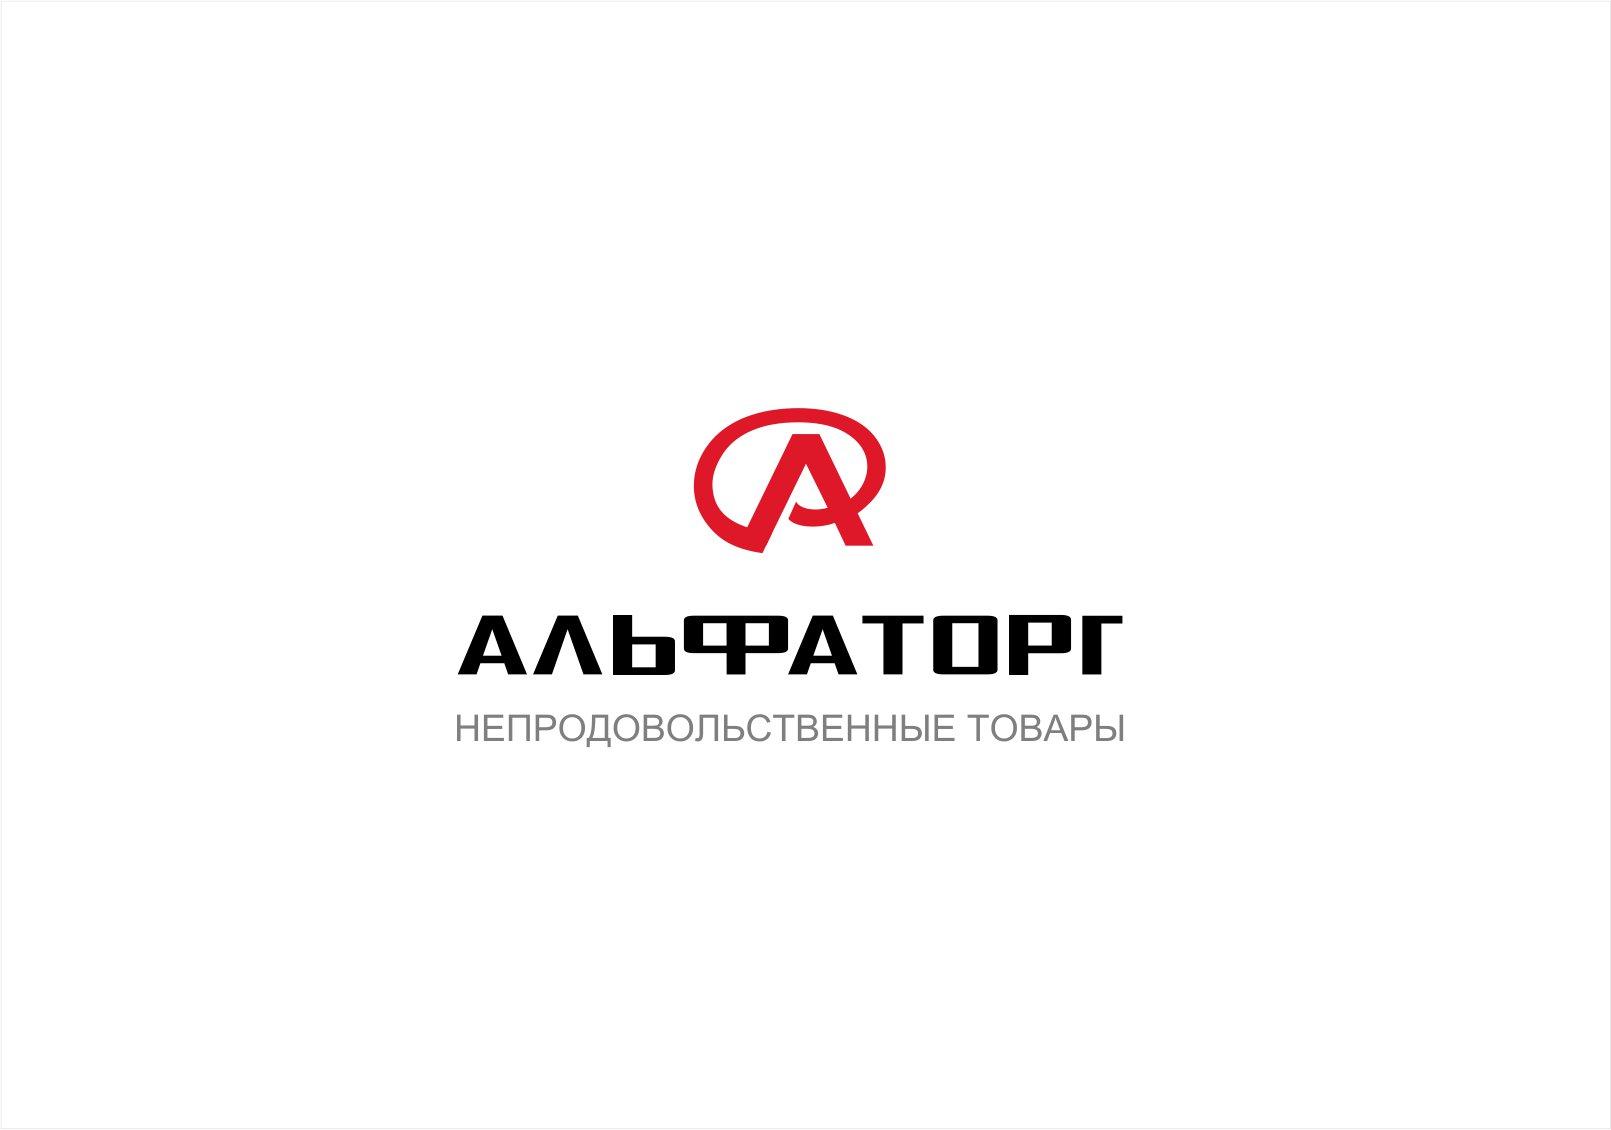 Логотип и фирменный стиль фото f_8325f0b645e1a8c0.jpg